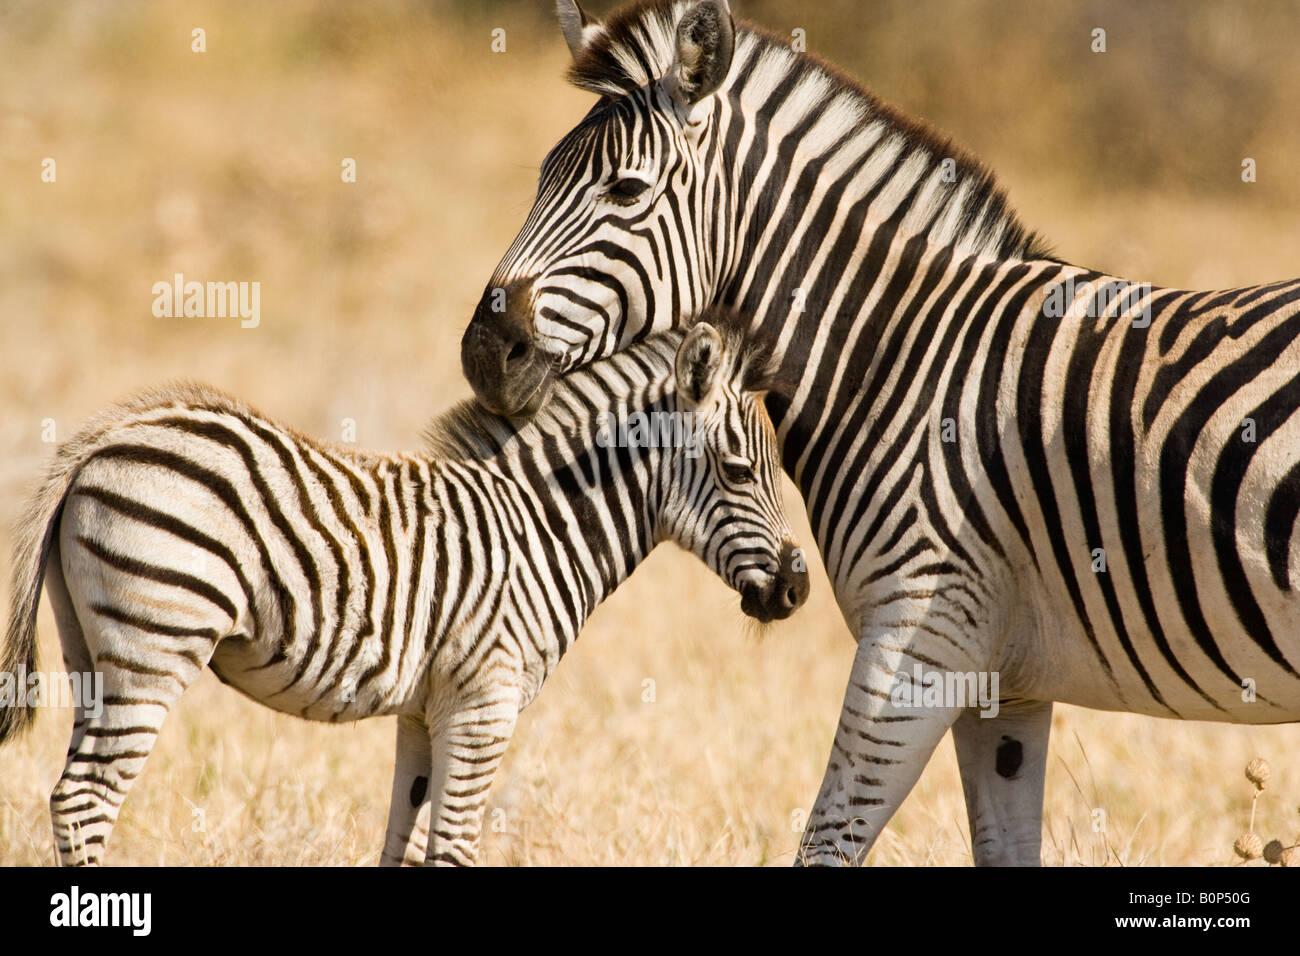 Madre protectora & Baby Cebra Sabana Savuti stand en Botswana, jefes juntos en afectuosa plantean en caliente suave luz de la tarde Foto de stock